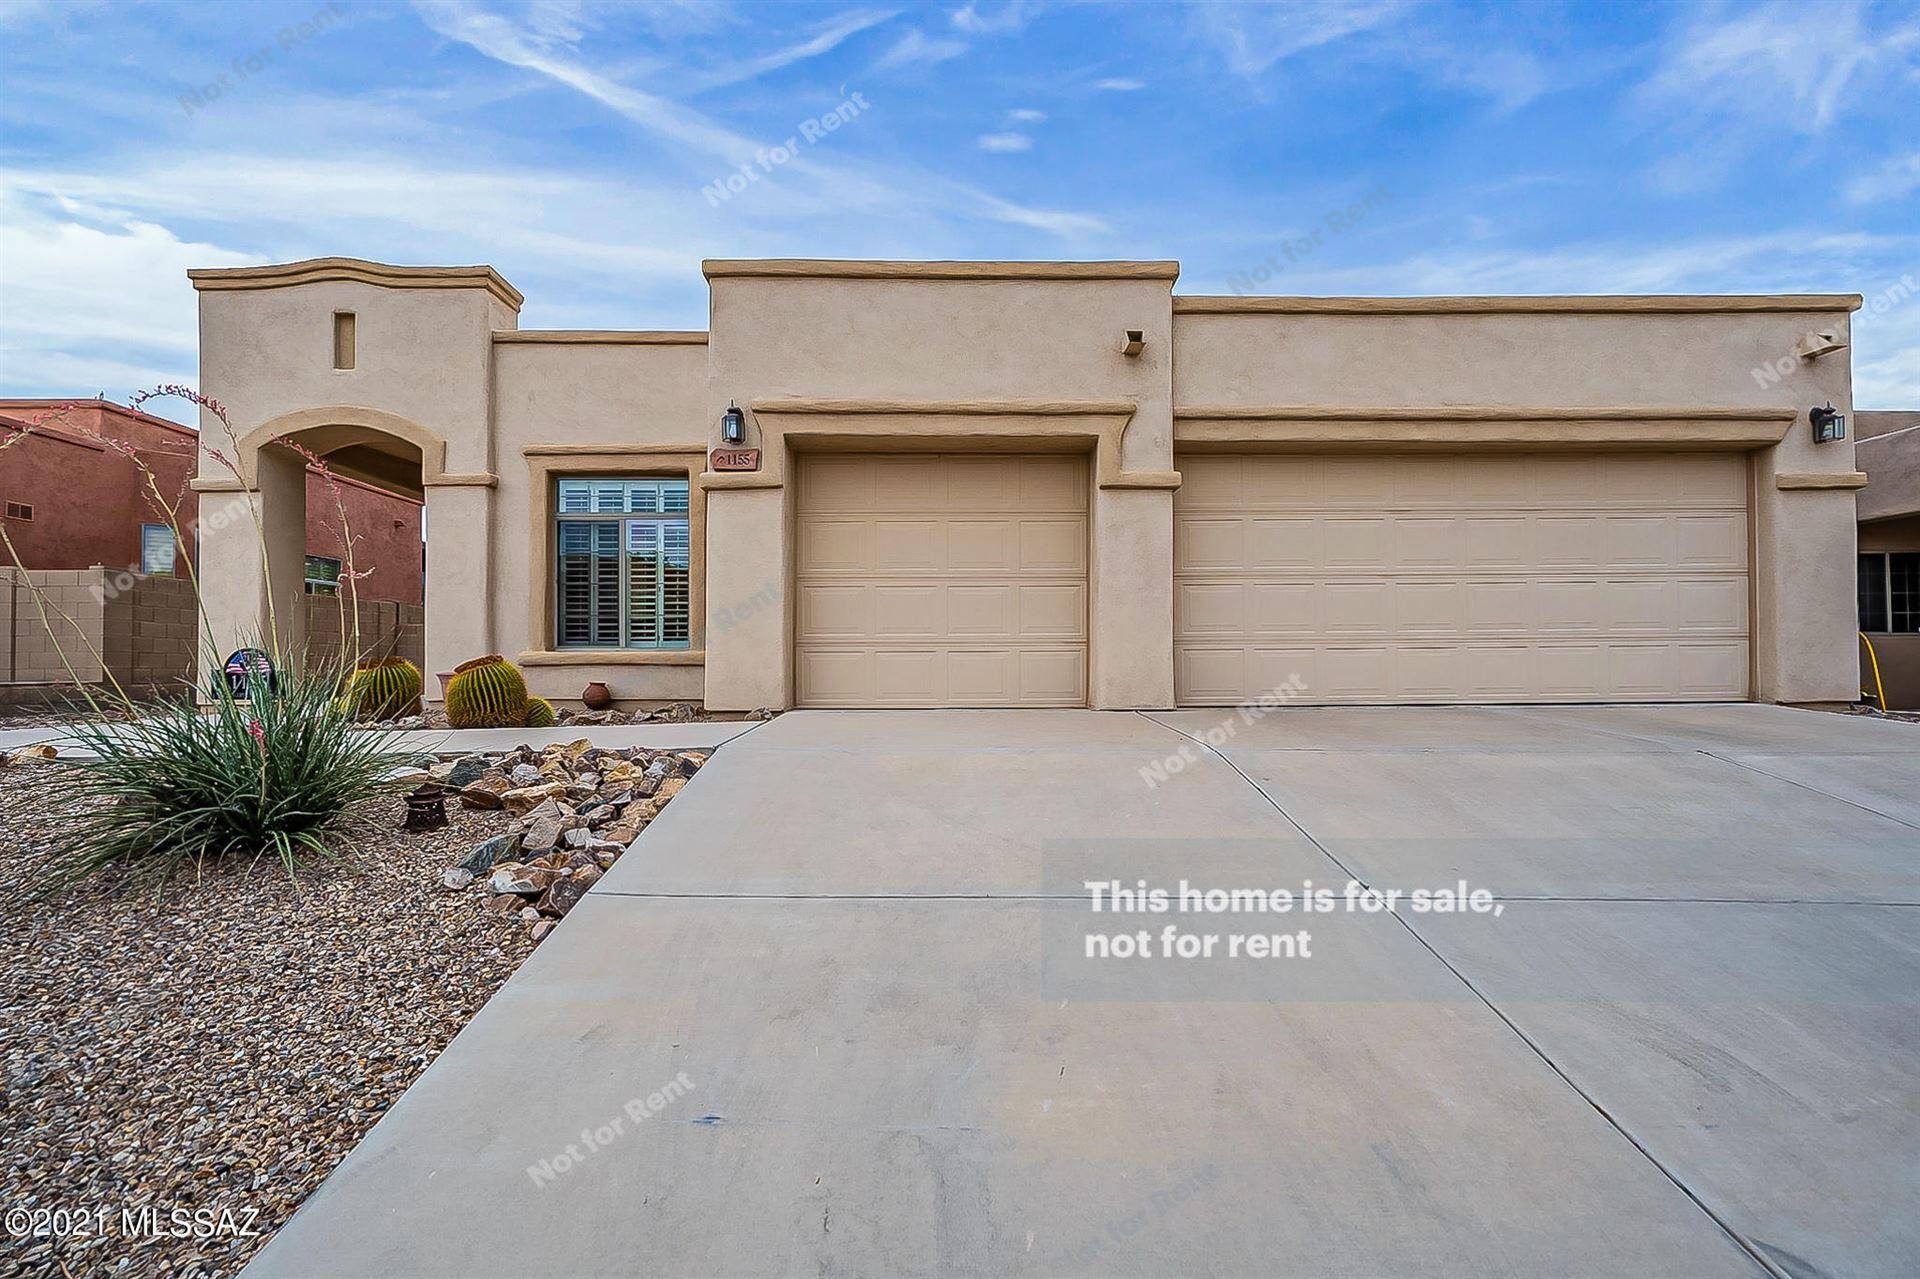 1155 N Copper Spur Court, Tucson, AZ 85715 - MLS#: 22117279